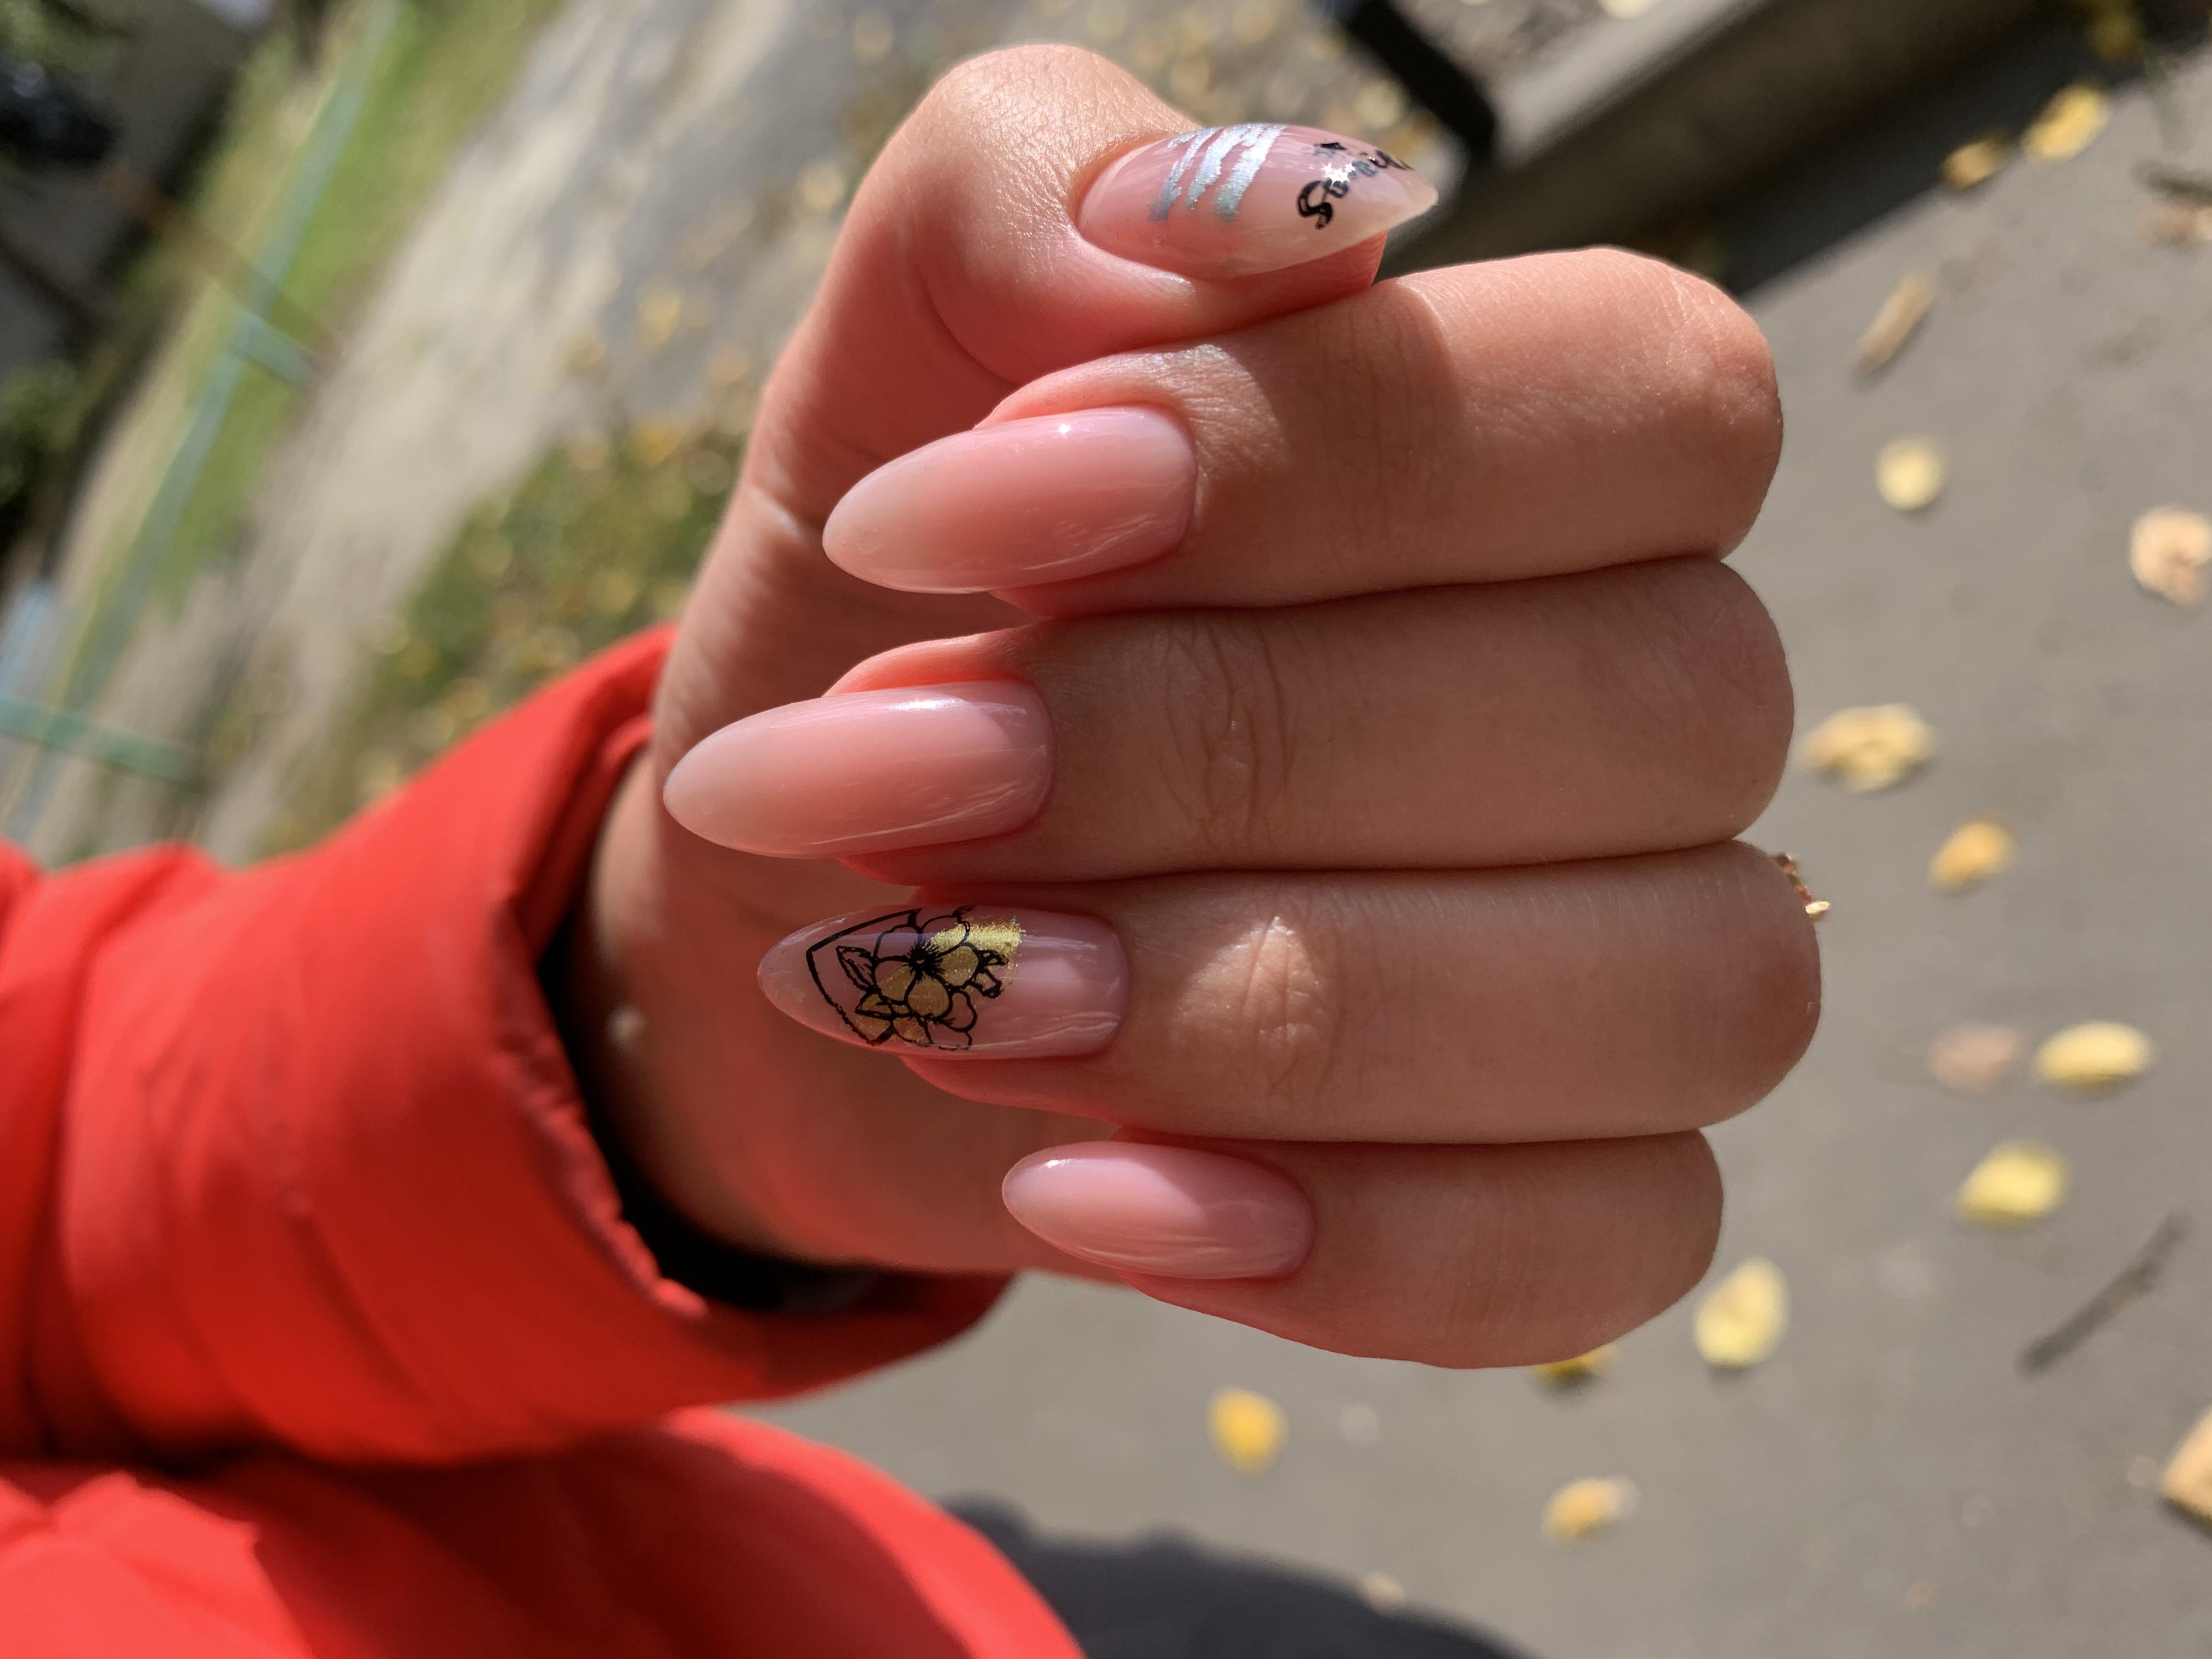 Нюдовый маникюр с цветочным слайдером на длинные ногти.